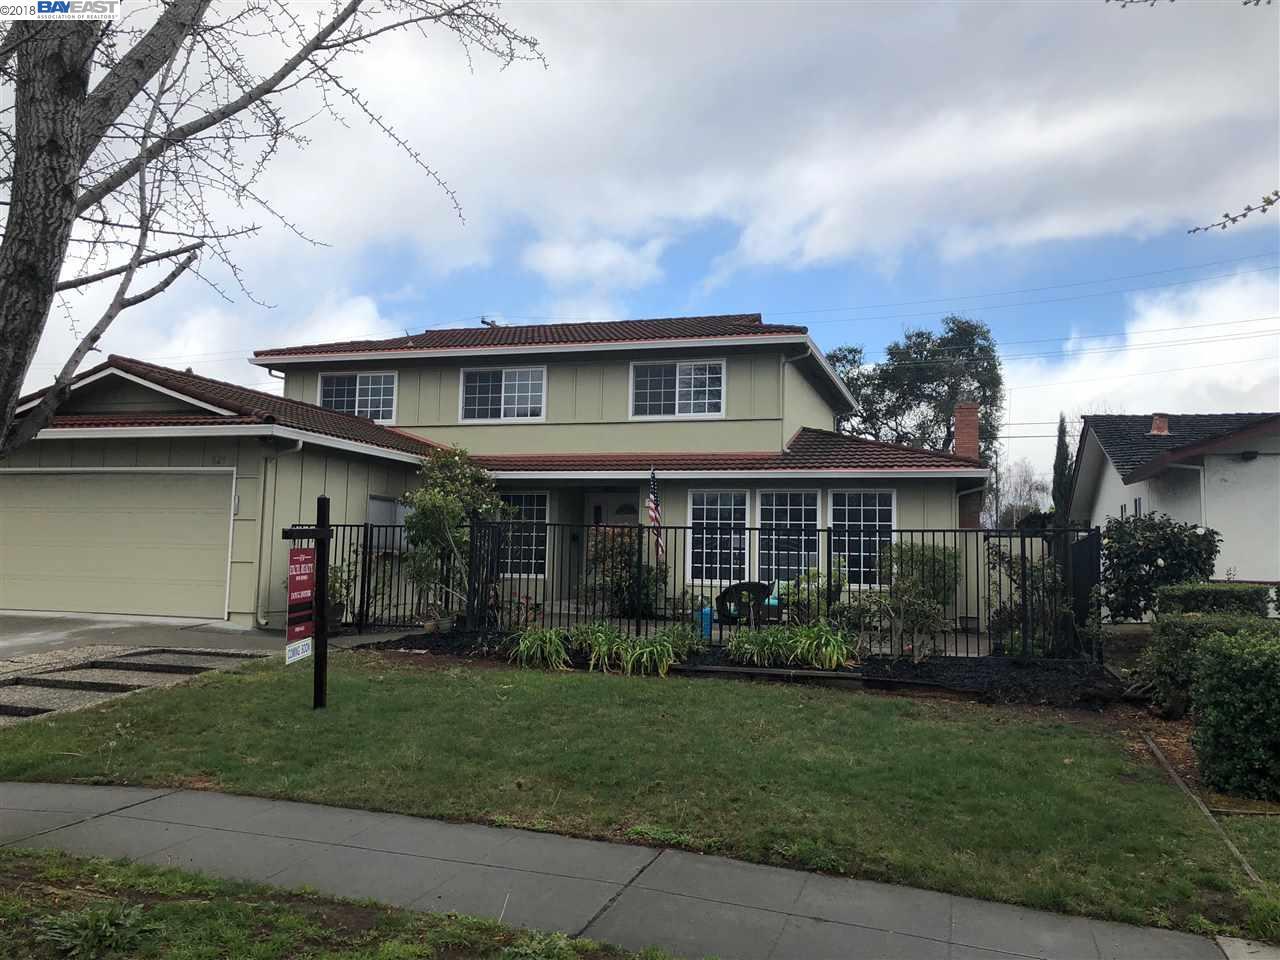 獨棟家庭住宅 為 出售 在 521 South Park Drive 521 South Park Drive San Jose, 加利福尼亞州 95129 美國